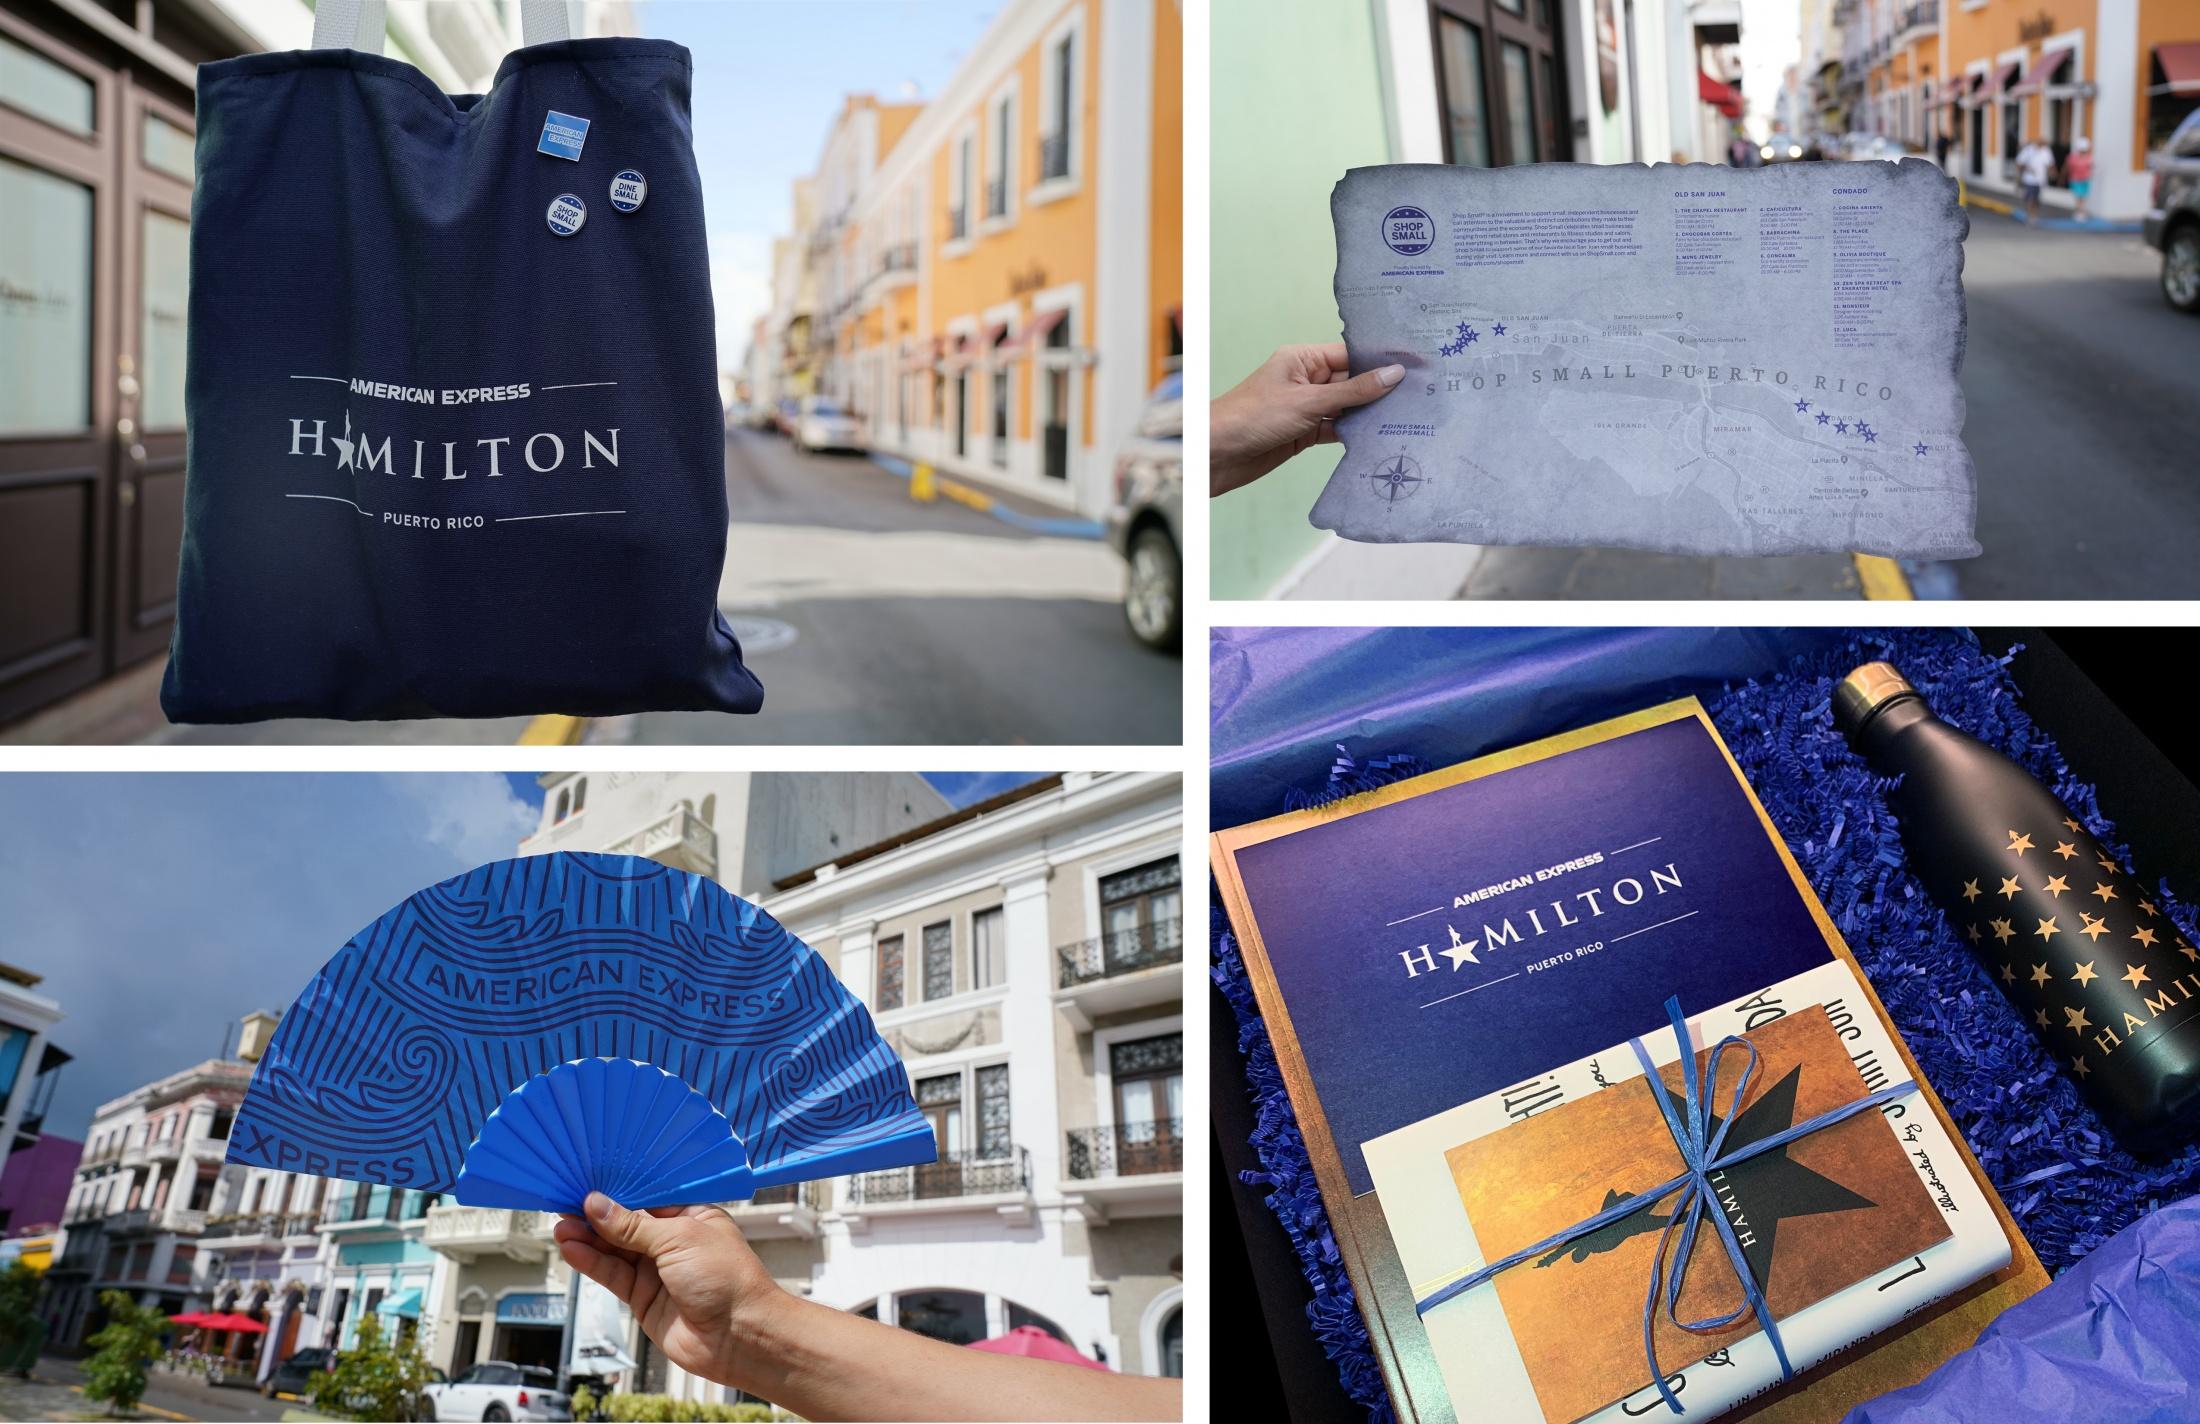 Thumbnail for Hamilton Puerto Rico